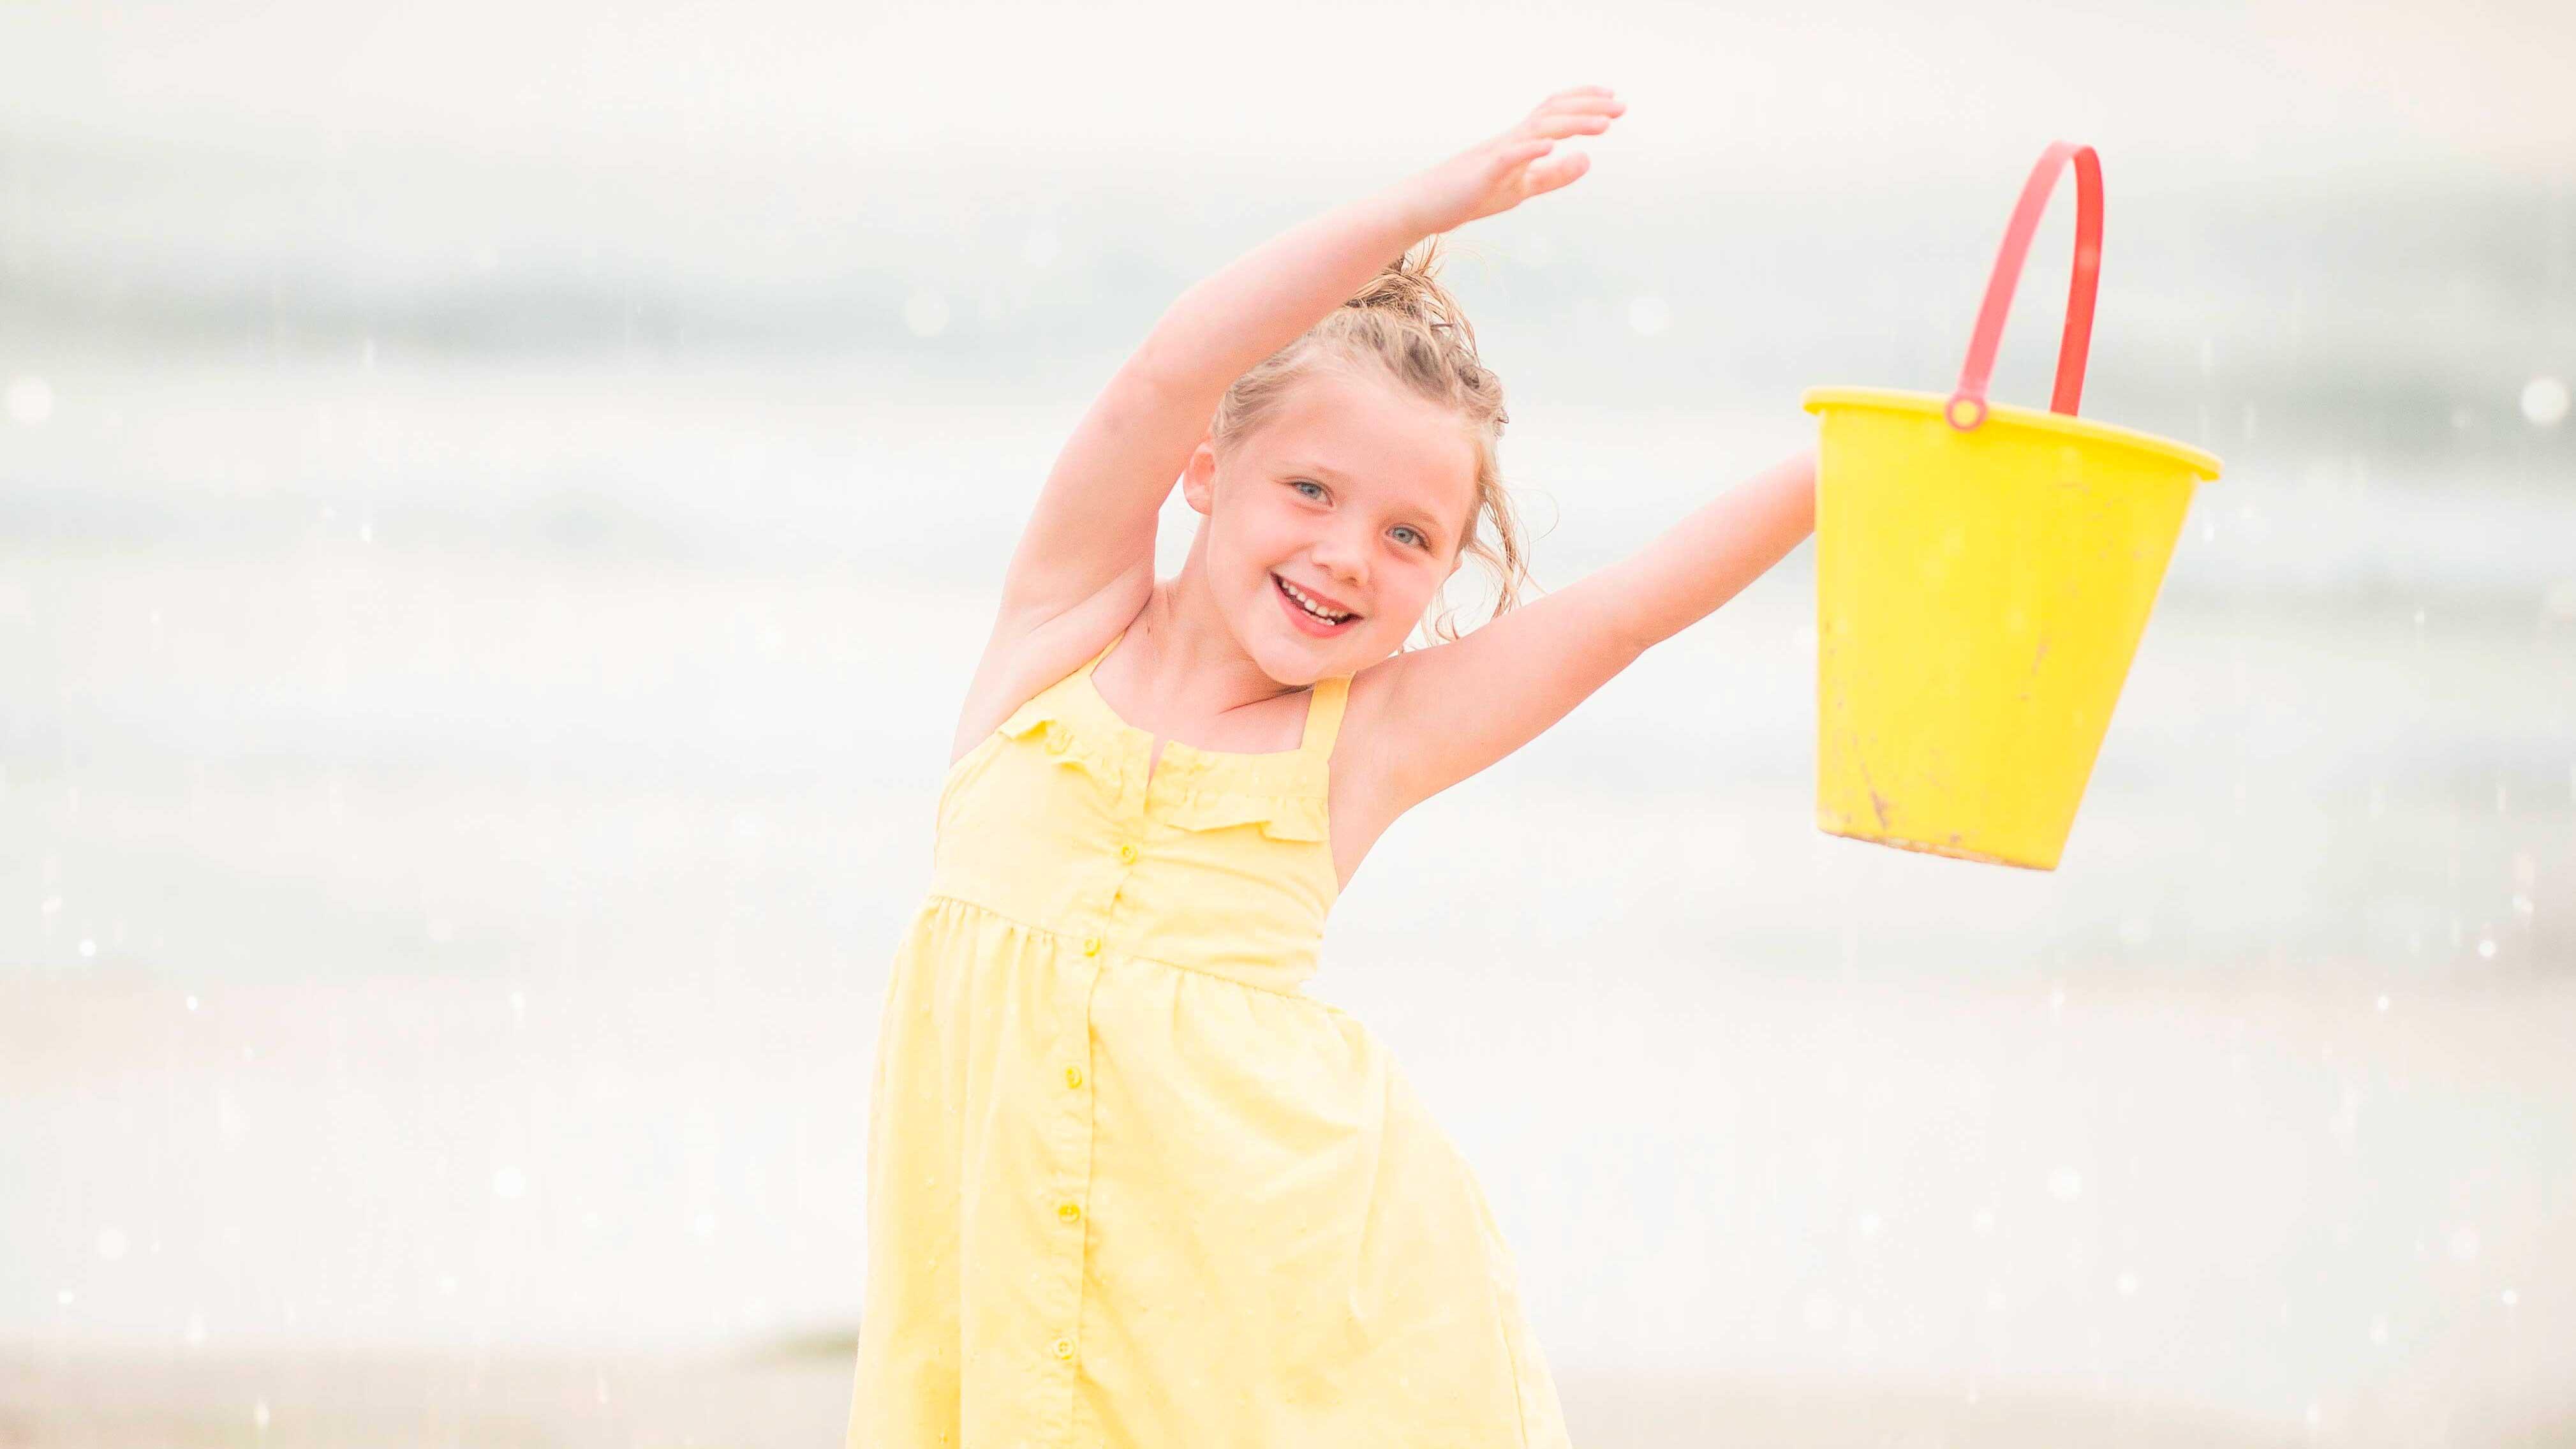 3 Atividades infantis que Estimulam a Criatividade - Menina de vestido amarelo sorrindo